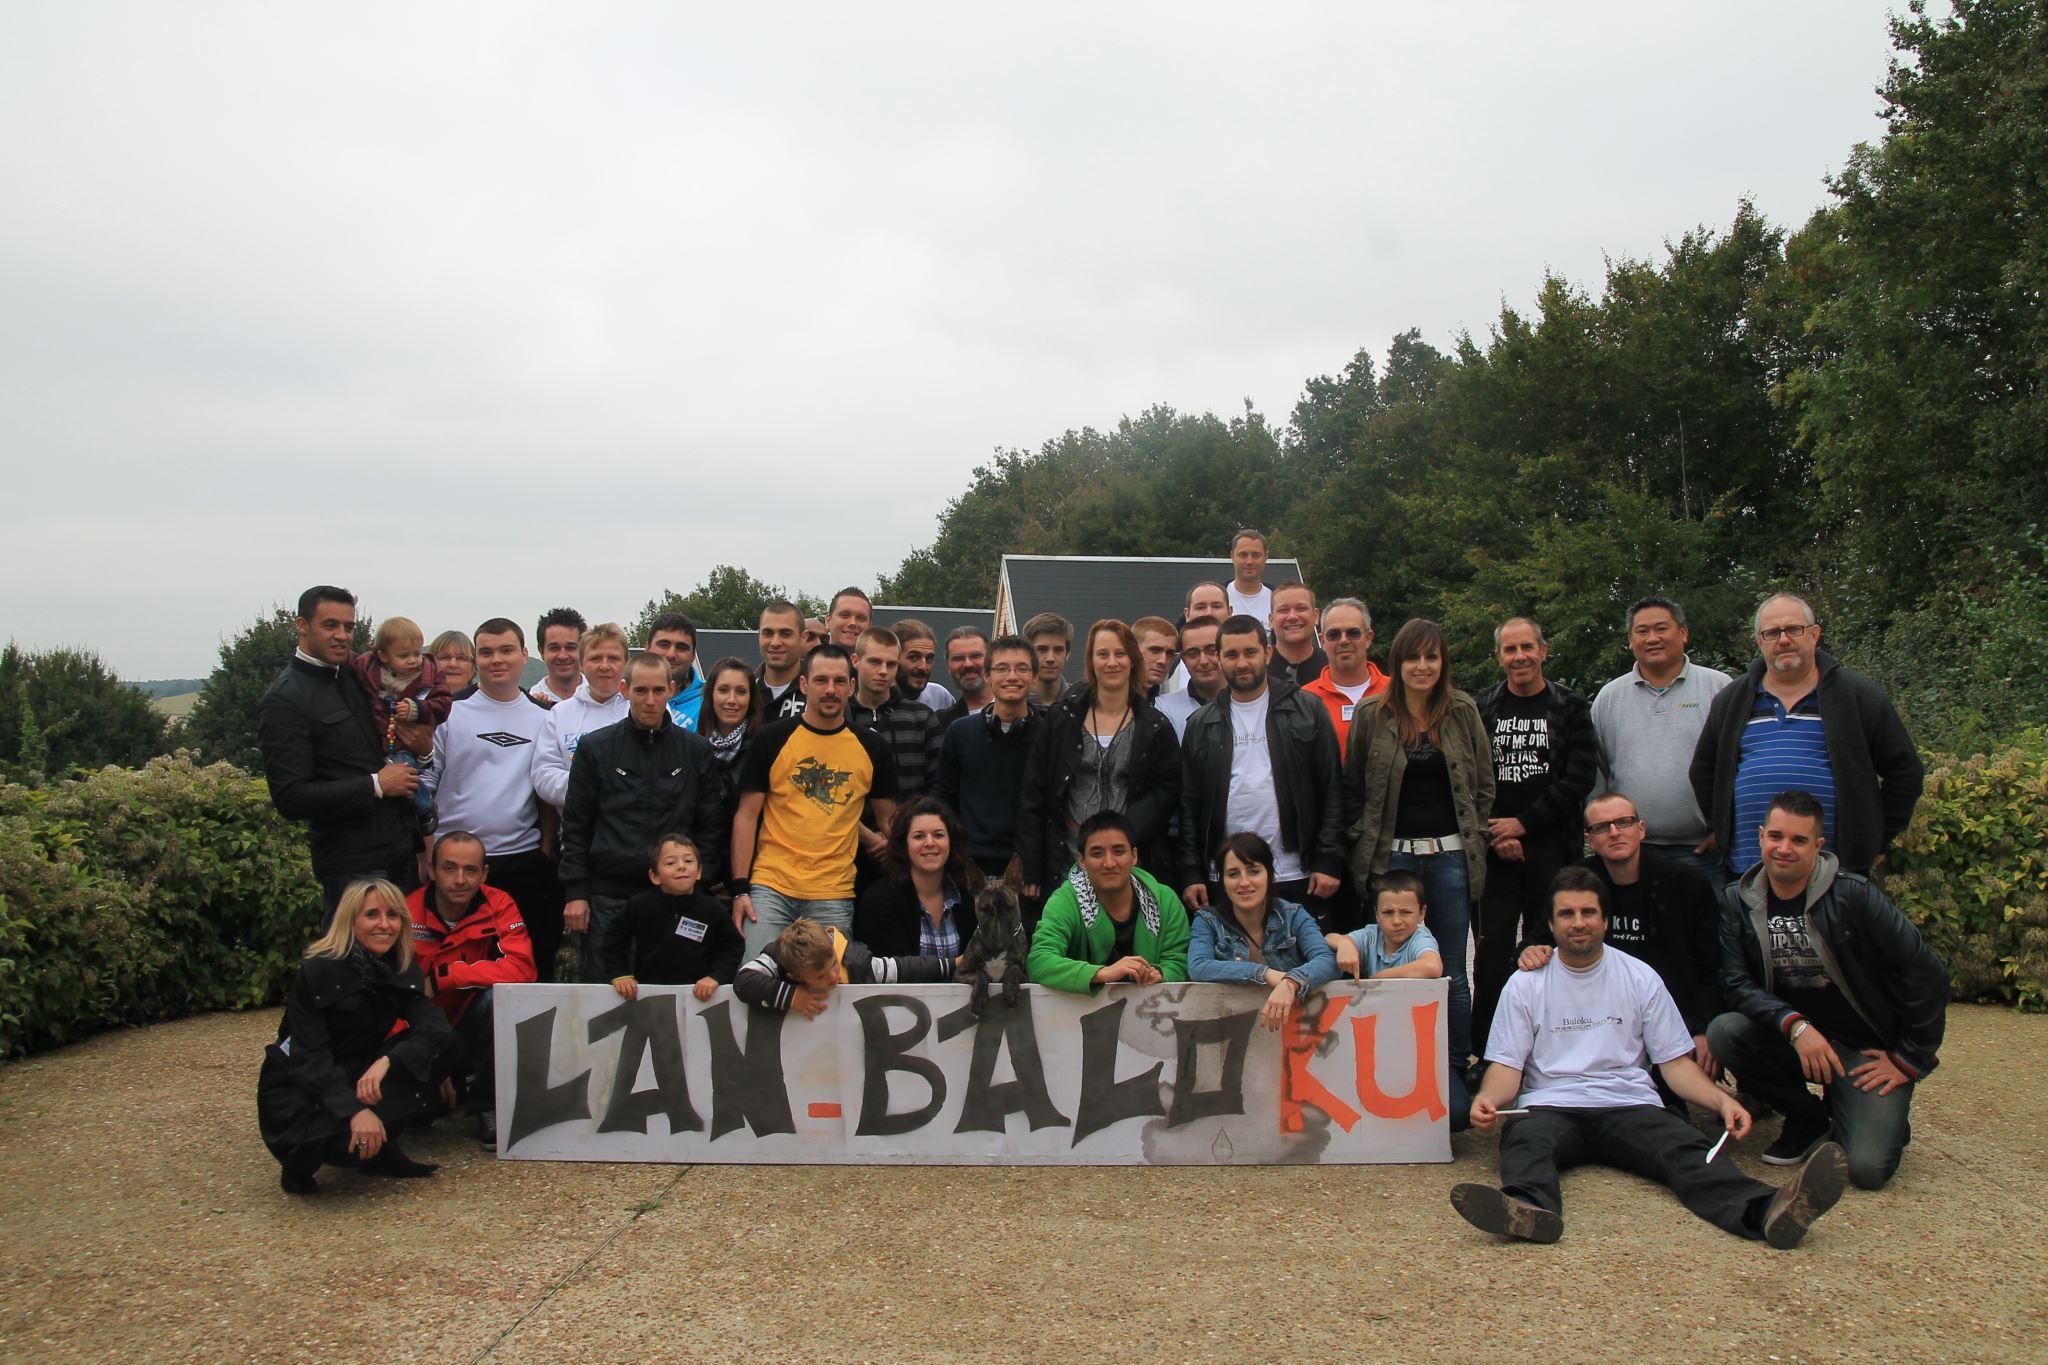 LAN 2012